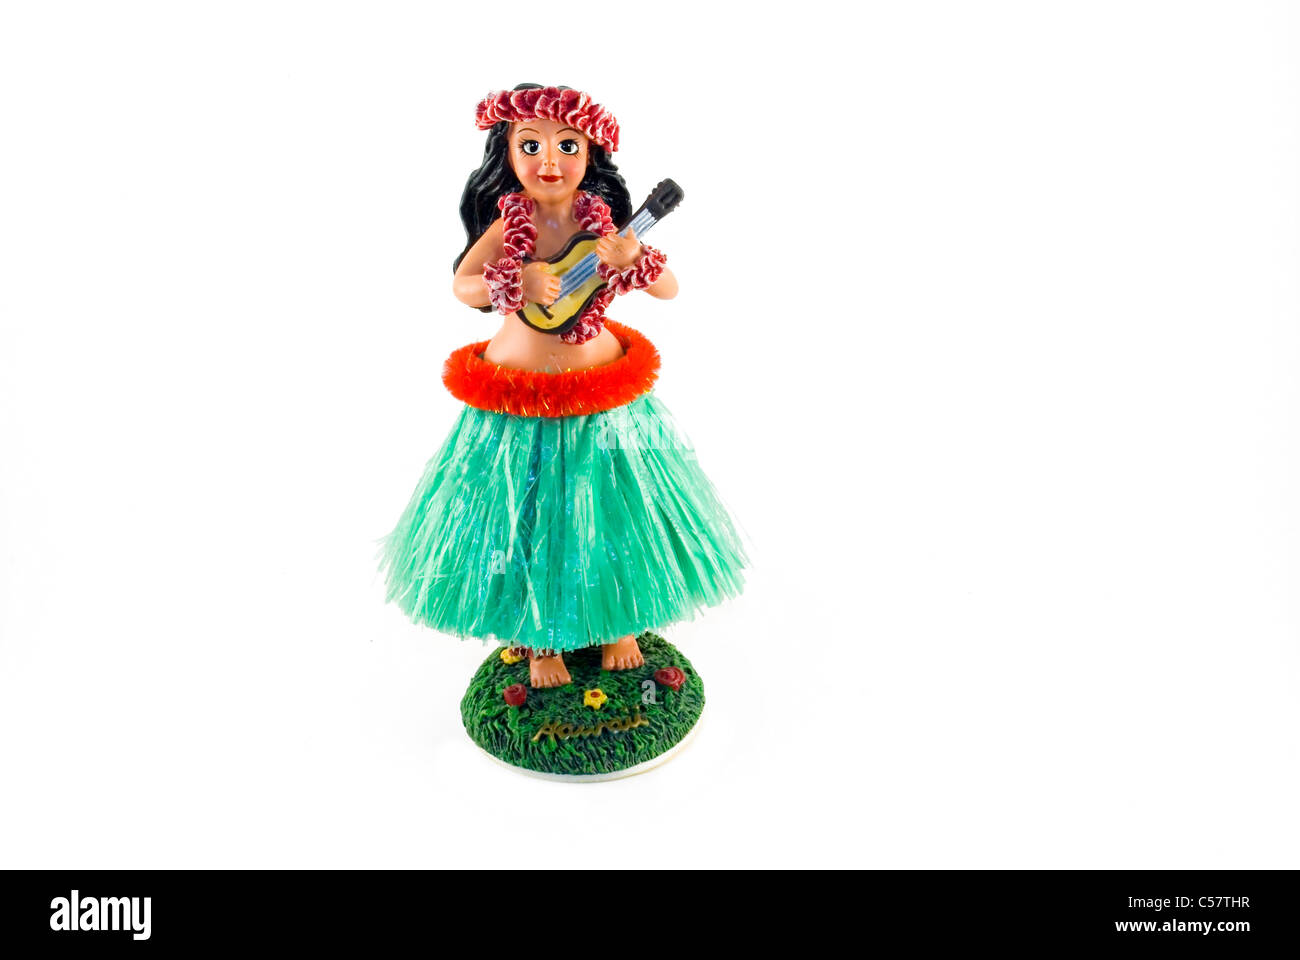 Ein traditioneller Hula Puppe Schmuckstück isoliert auf einem weißen Hintergrund. Stockbild